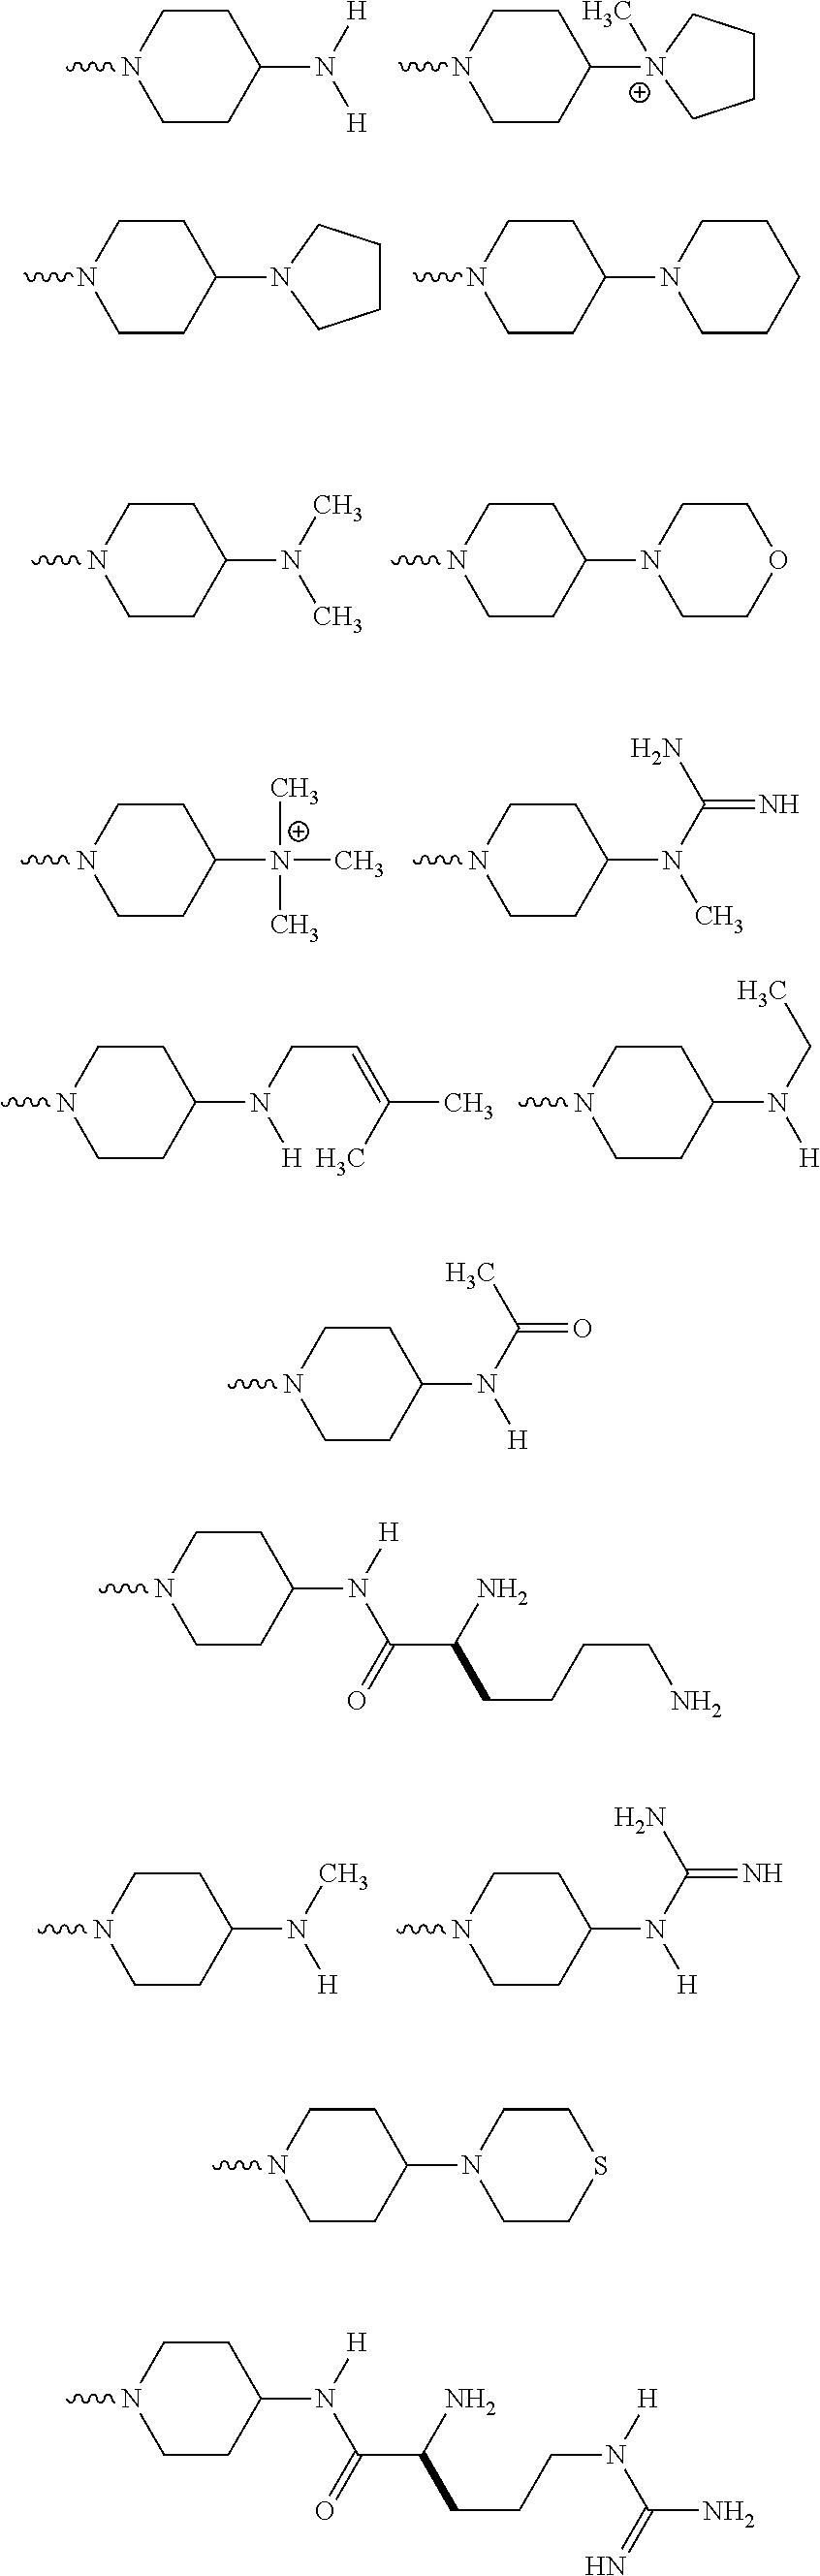 Figure US09217148-20151222-C00006